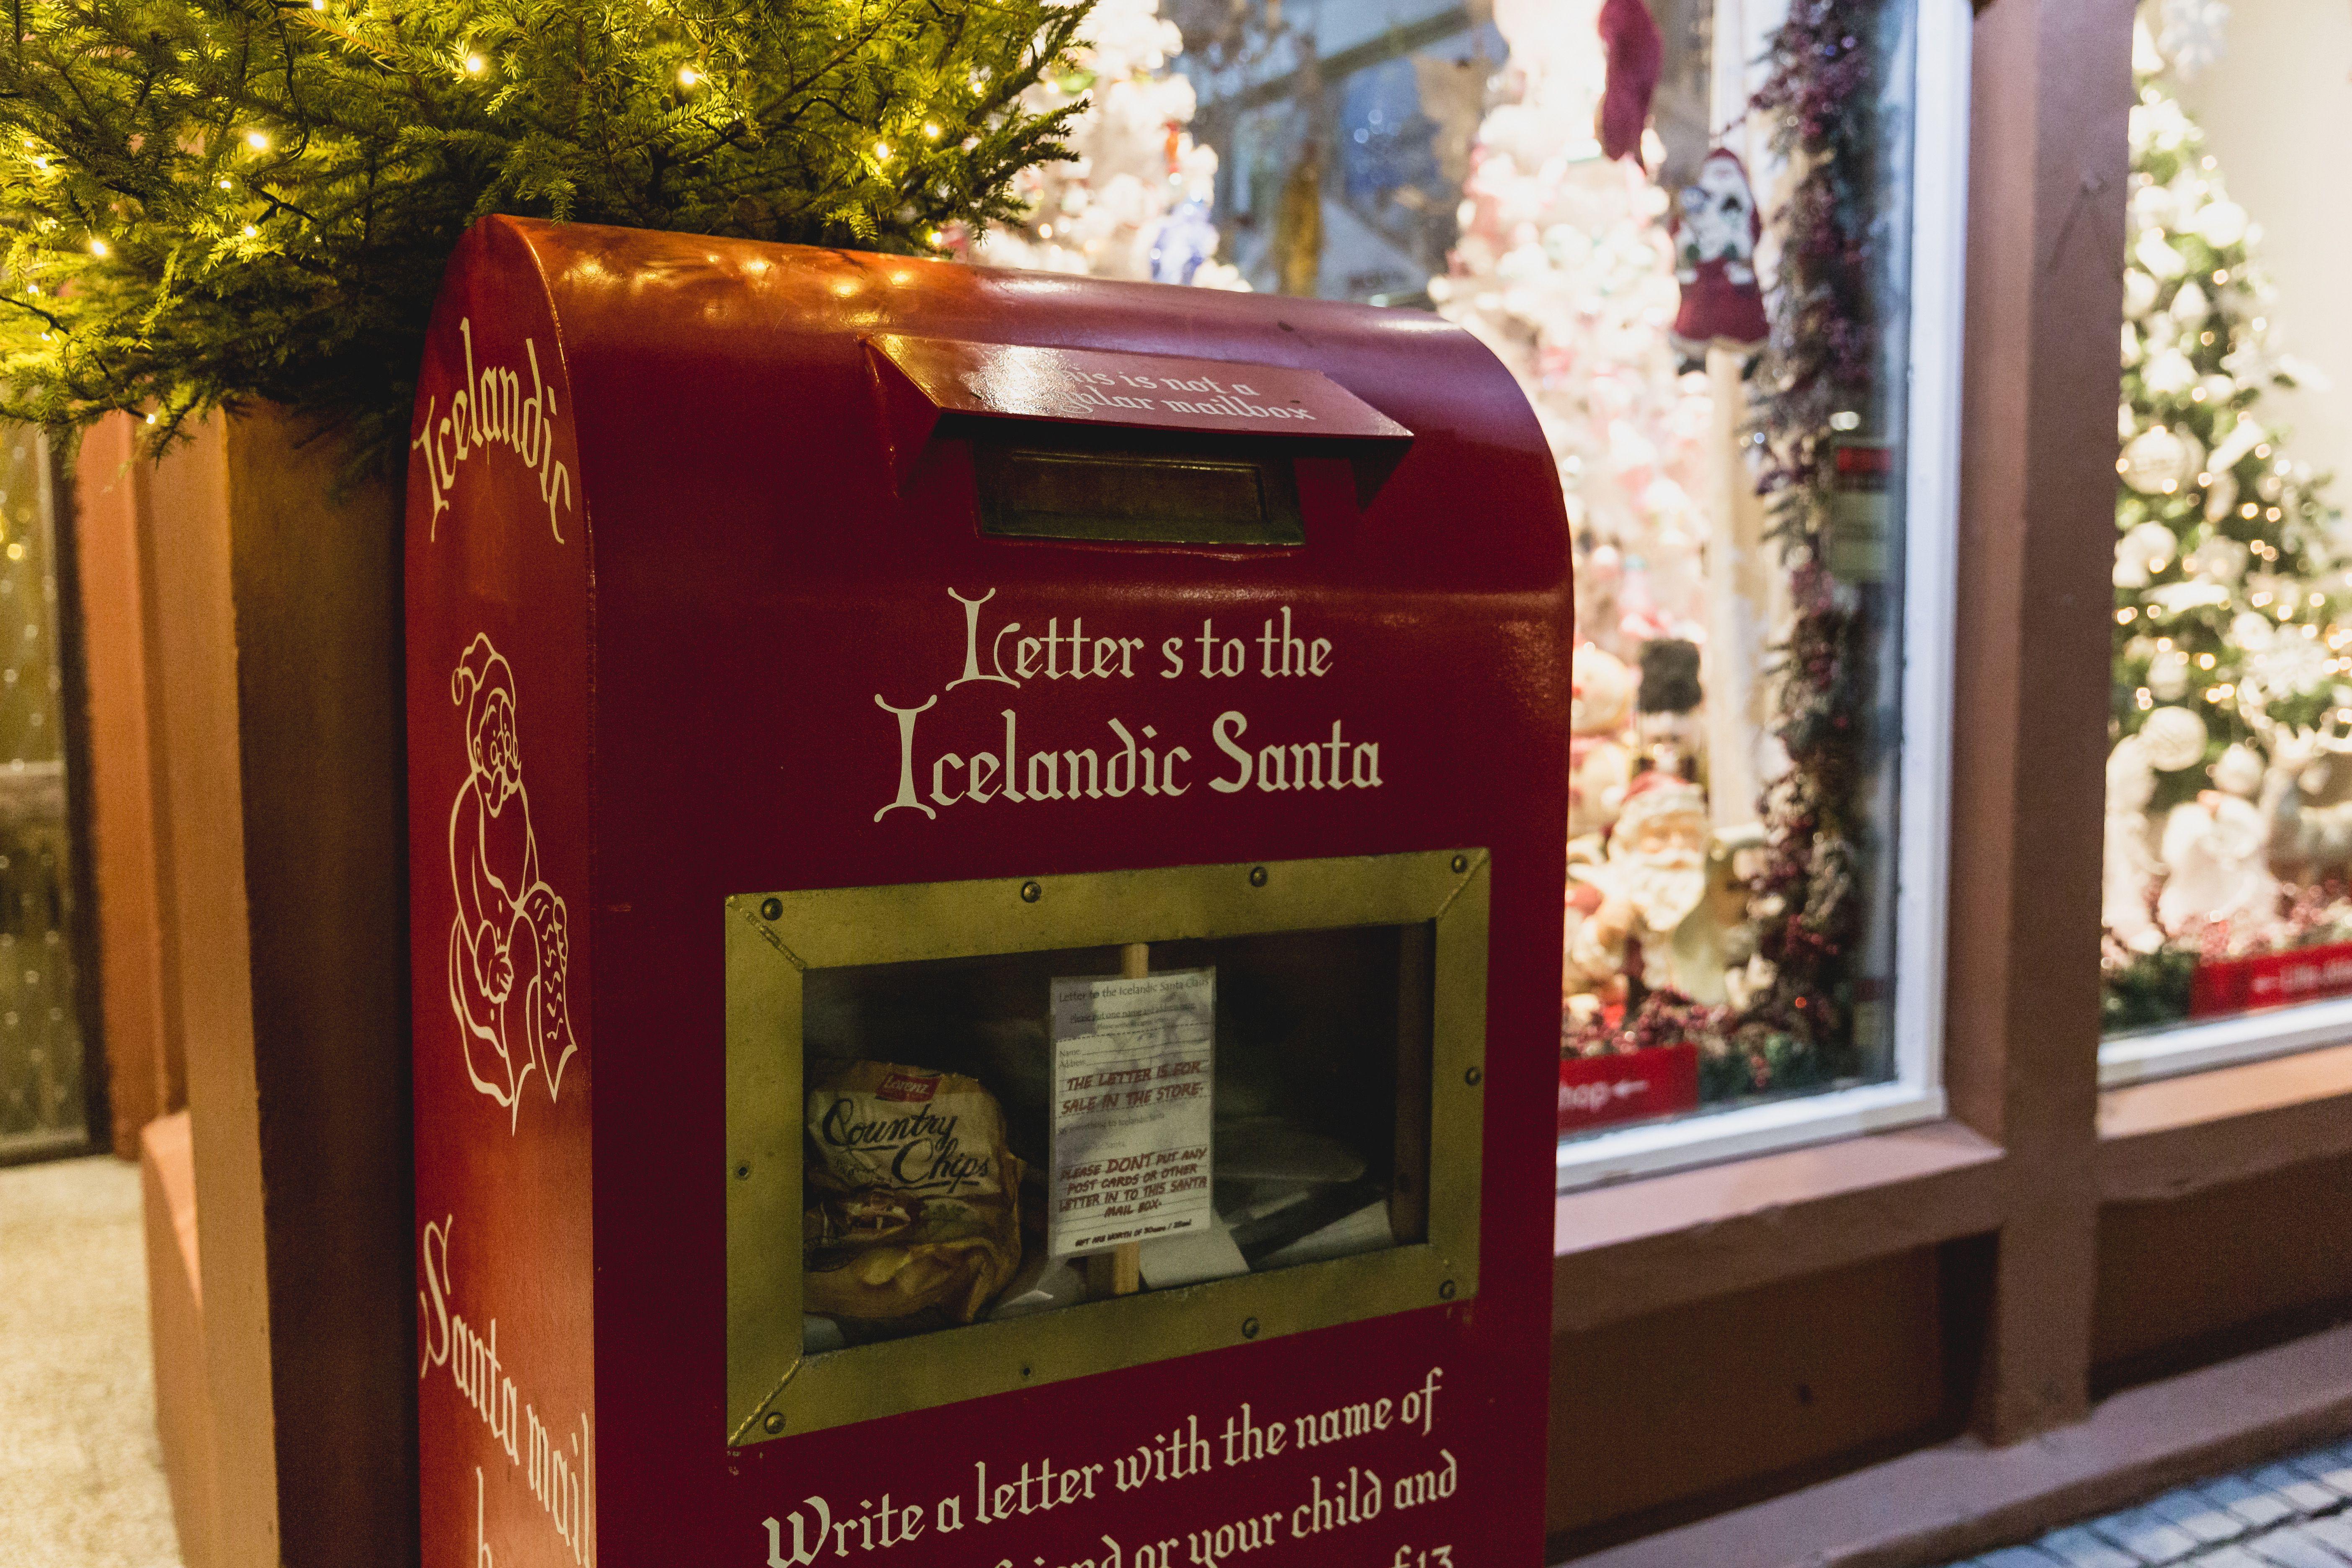 Mailbox to the Icelandic Santa in Reykjavik, Iceland